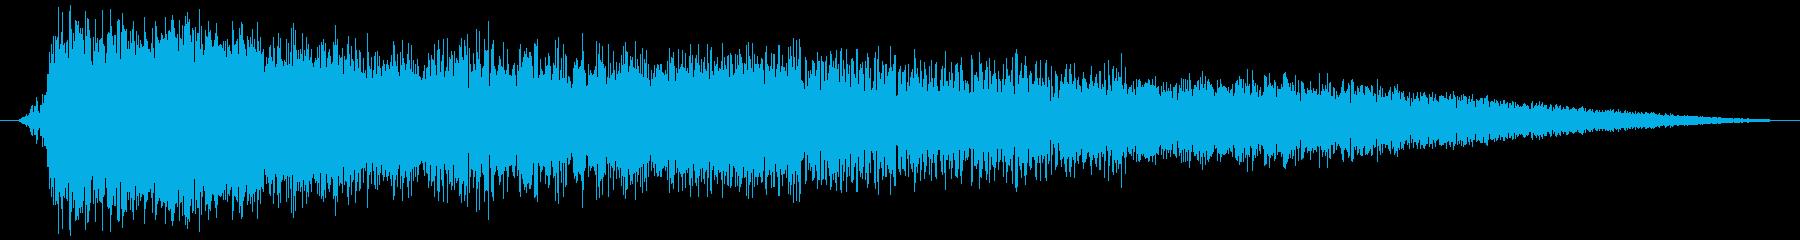 重宇宙船フェイザーリリースまたは魚雷爆発の再生済みの波形